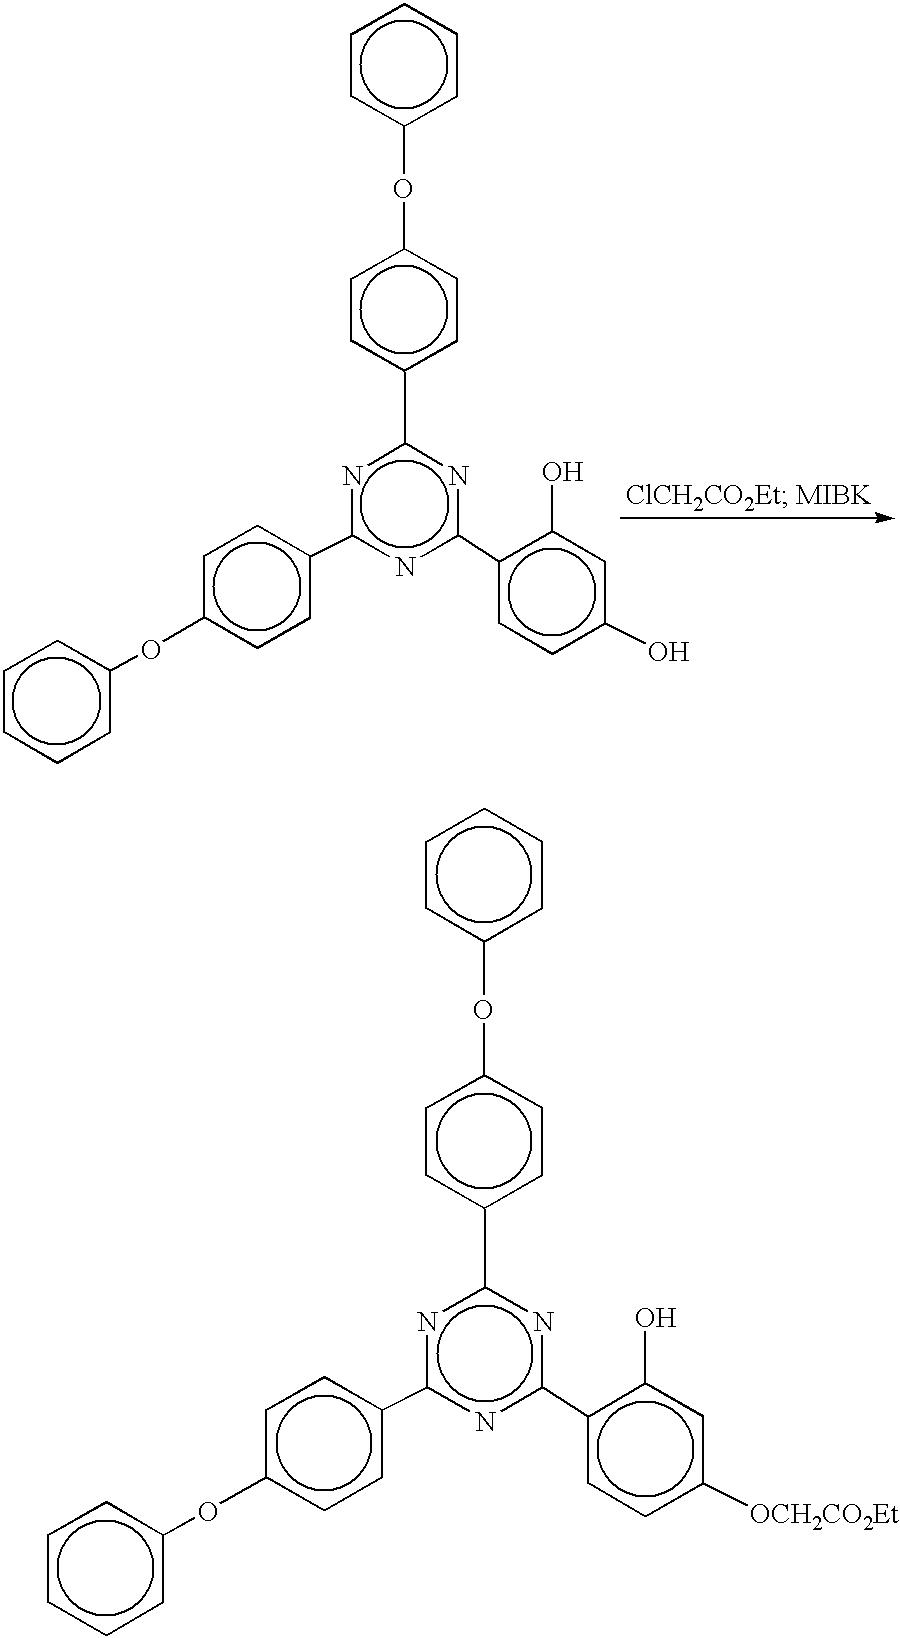 Figure US06855269-20050215-C00021